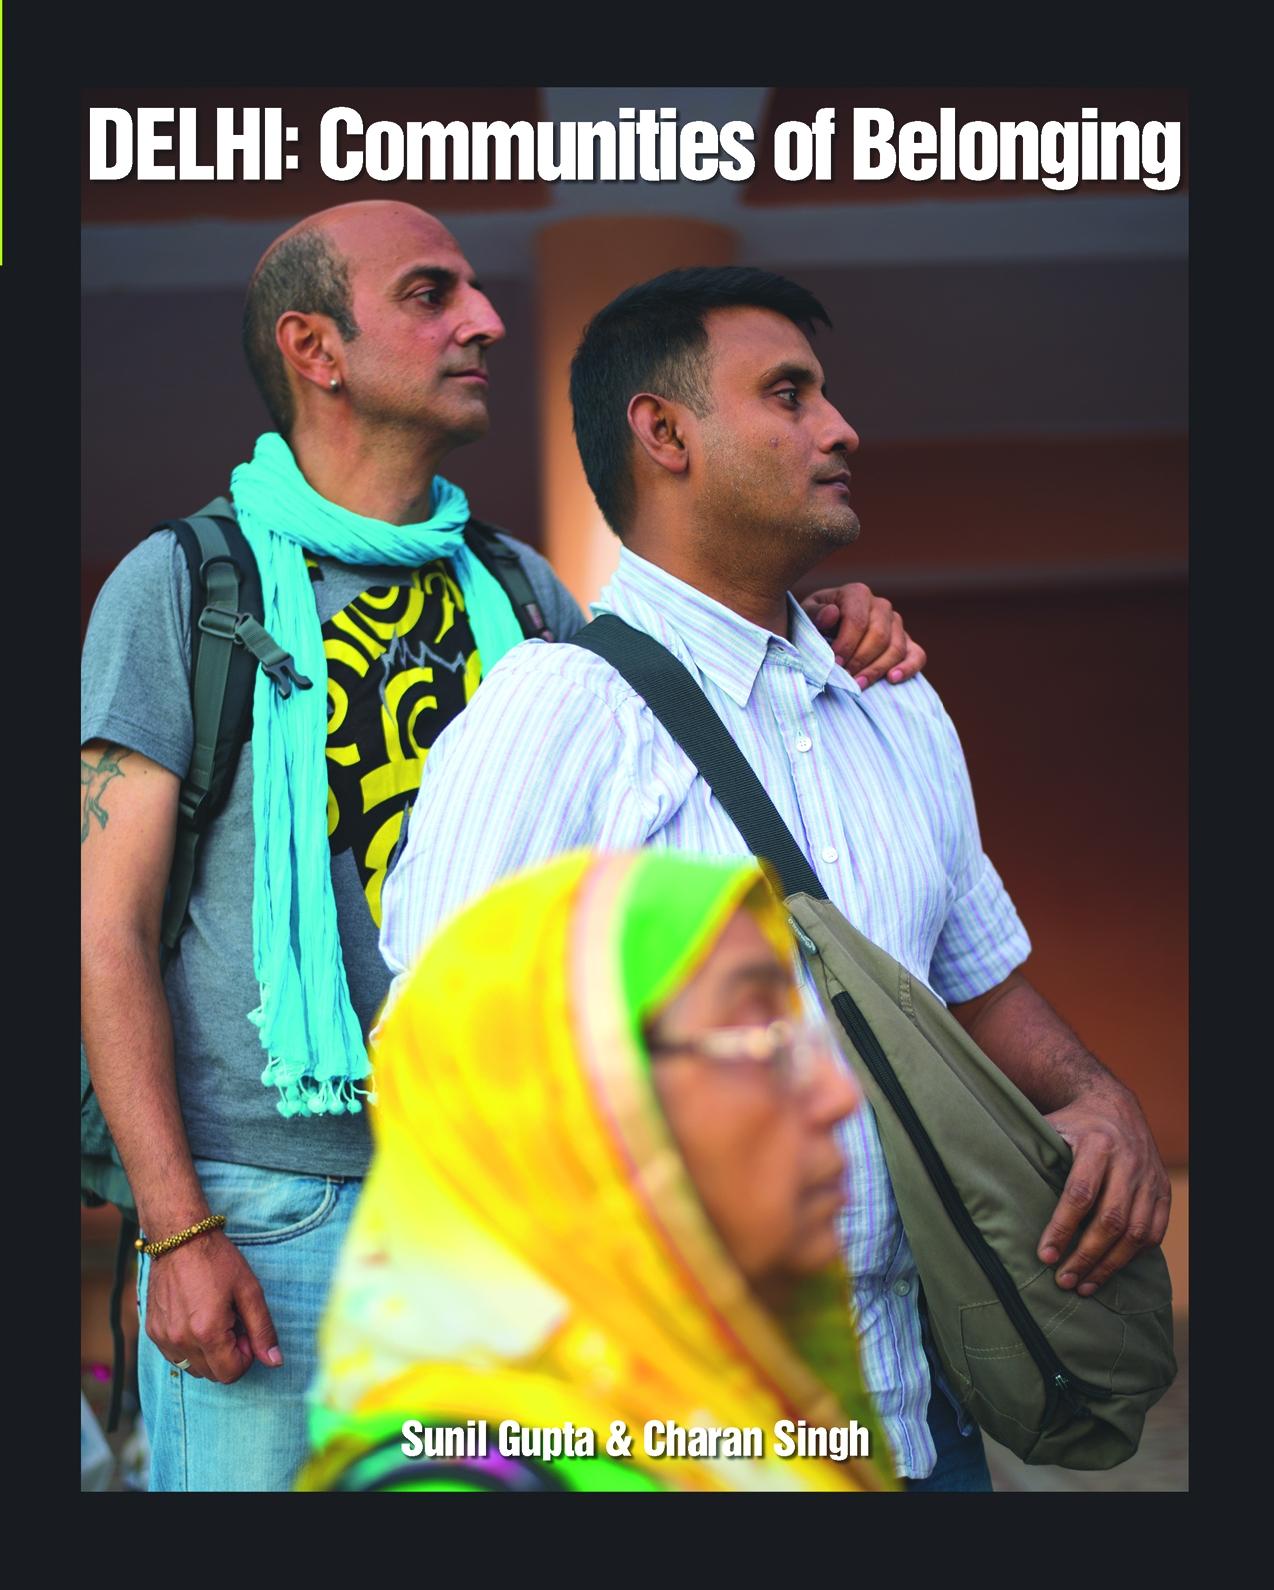 india, queer, delhi, communities of belonging, photos, book